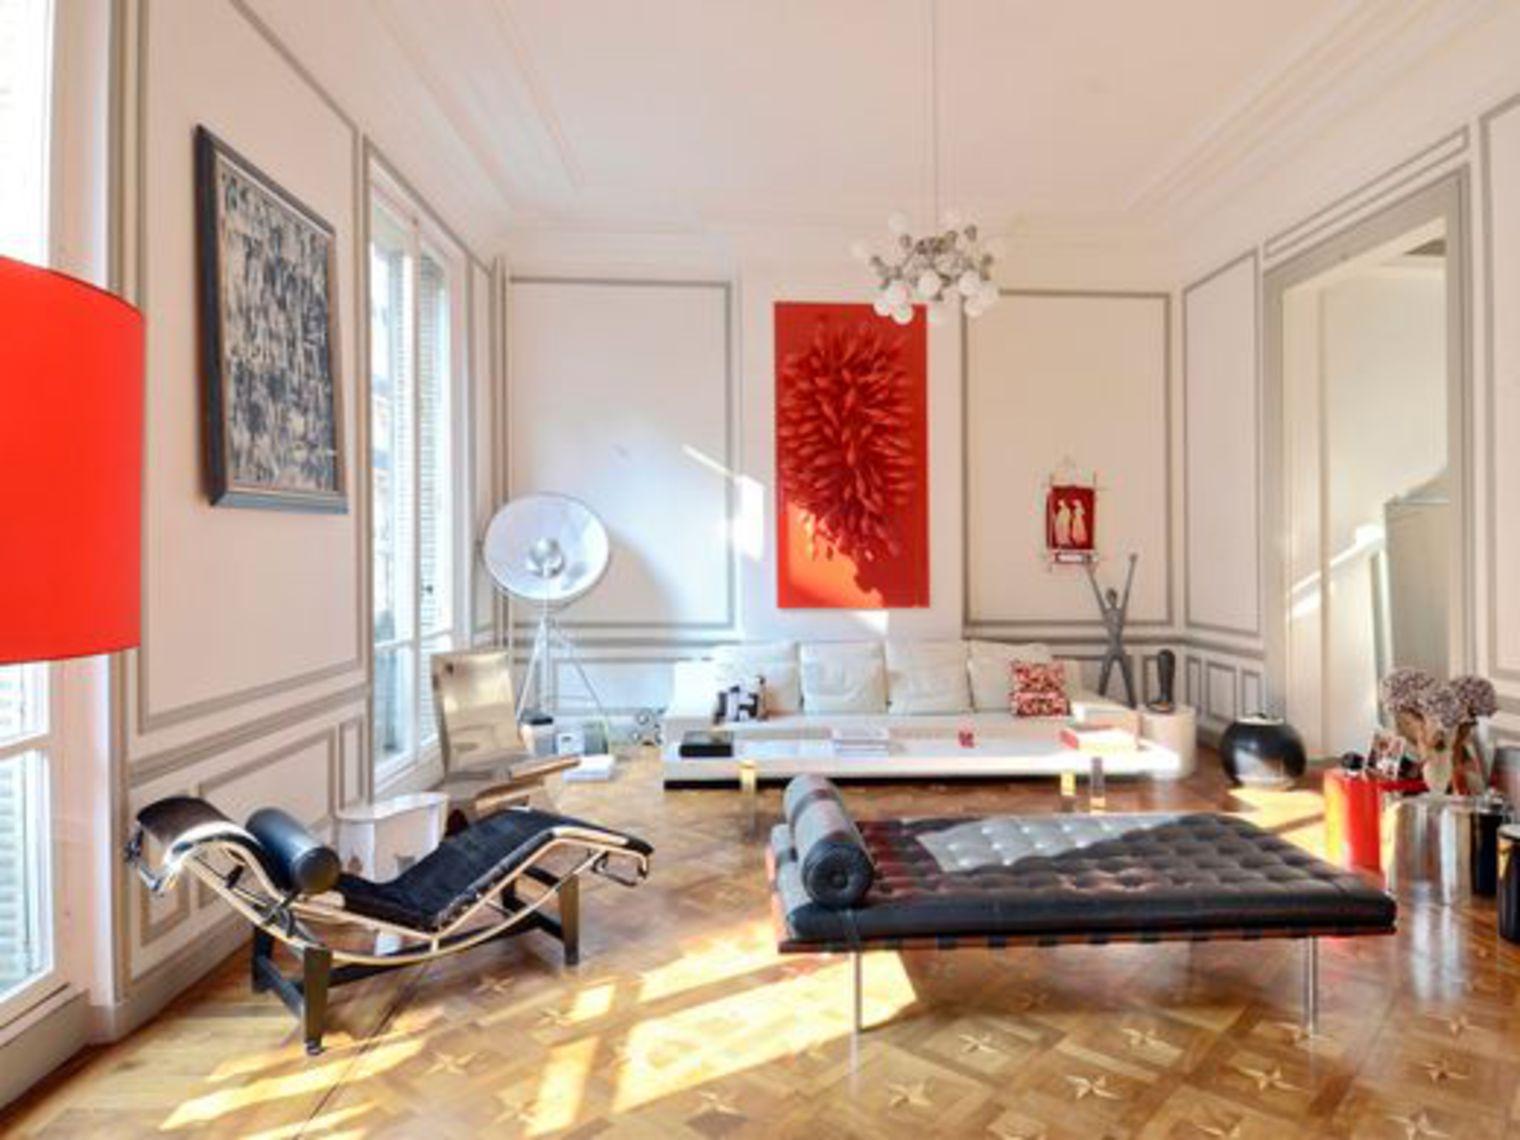 Location appartement Bordeaux, si vous avez besoin de conseils